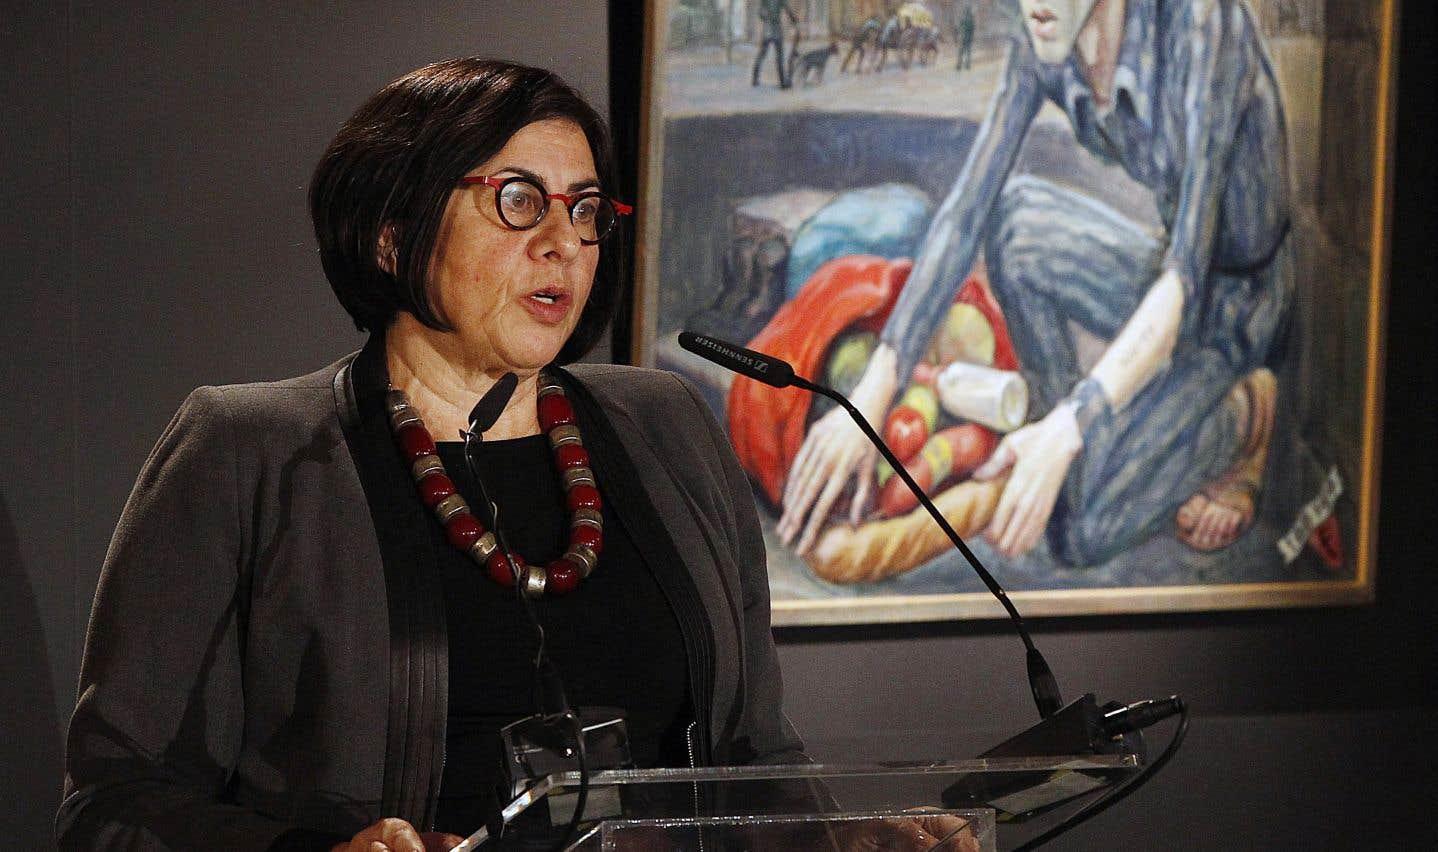 L'ambassadrice d'Israël à Varsovie, Anna Azari, a dénoncé les zones grises de la loi polonaise.